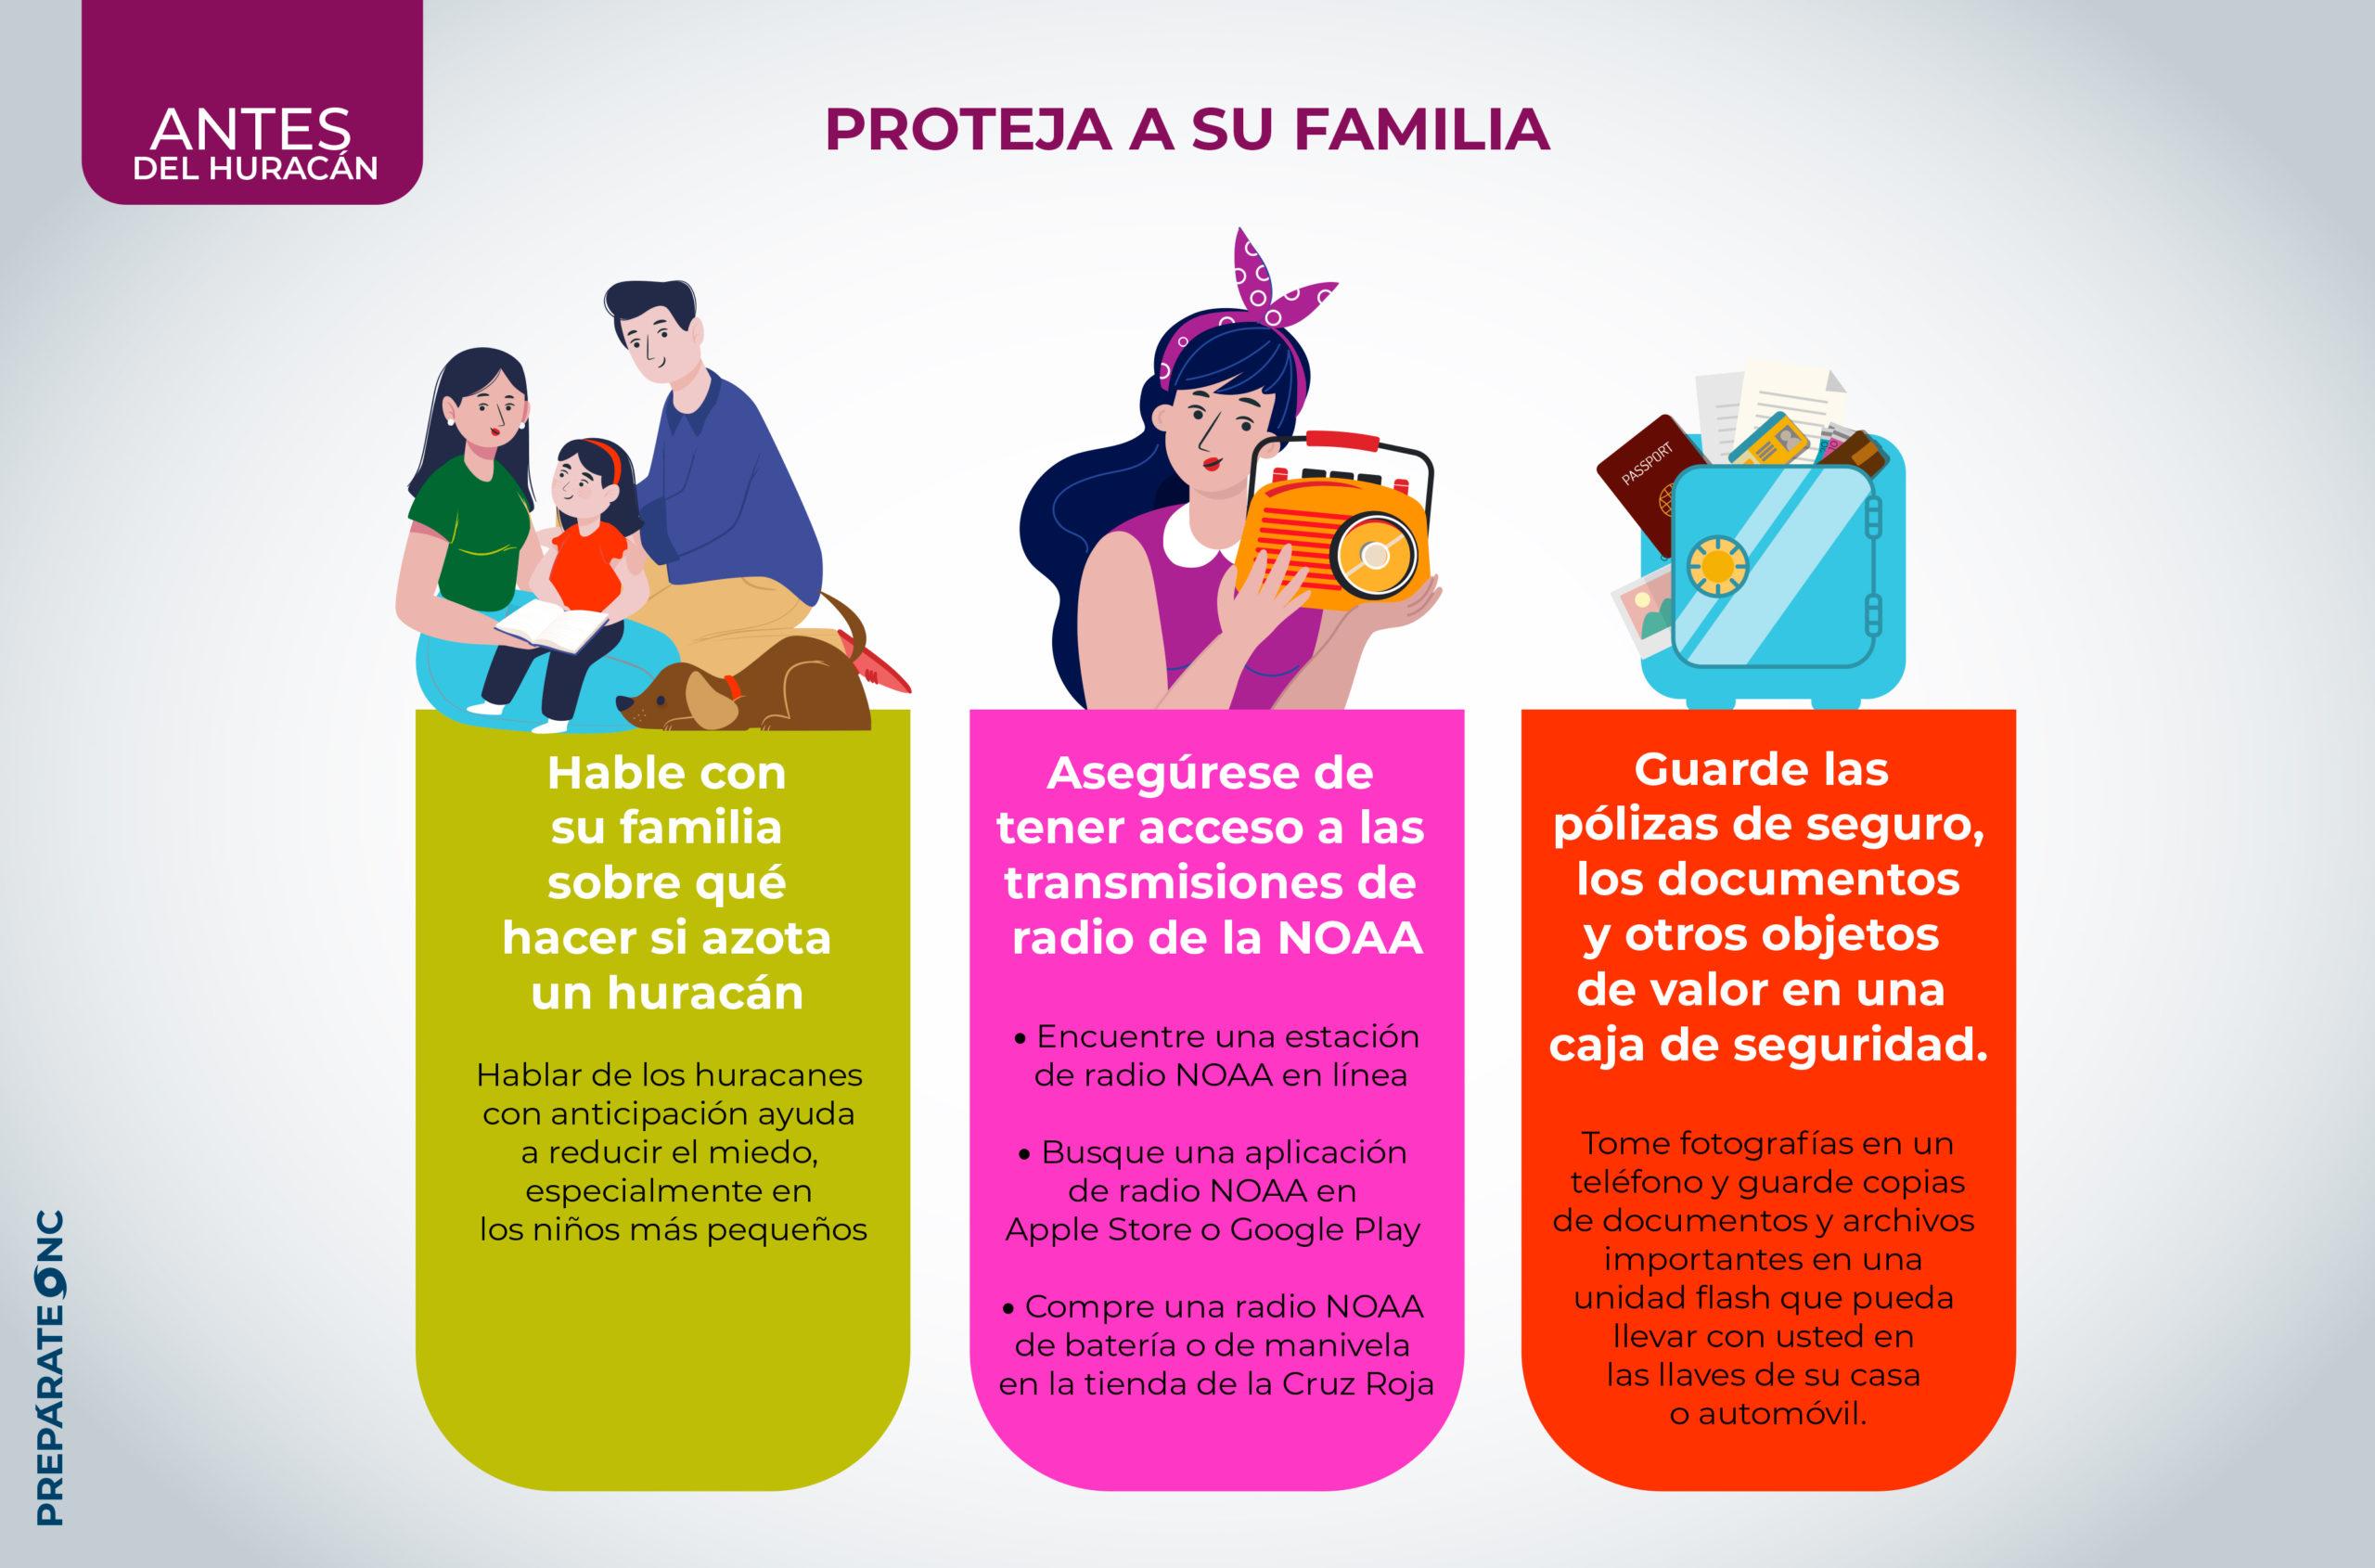 Proteja a su familia